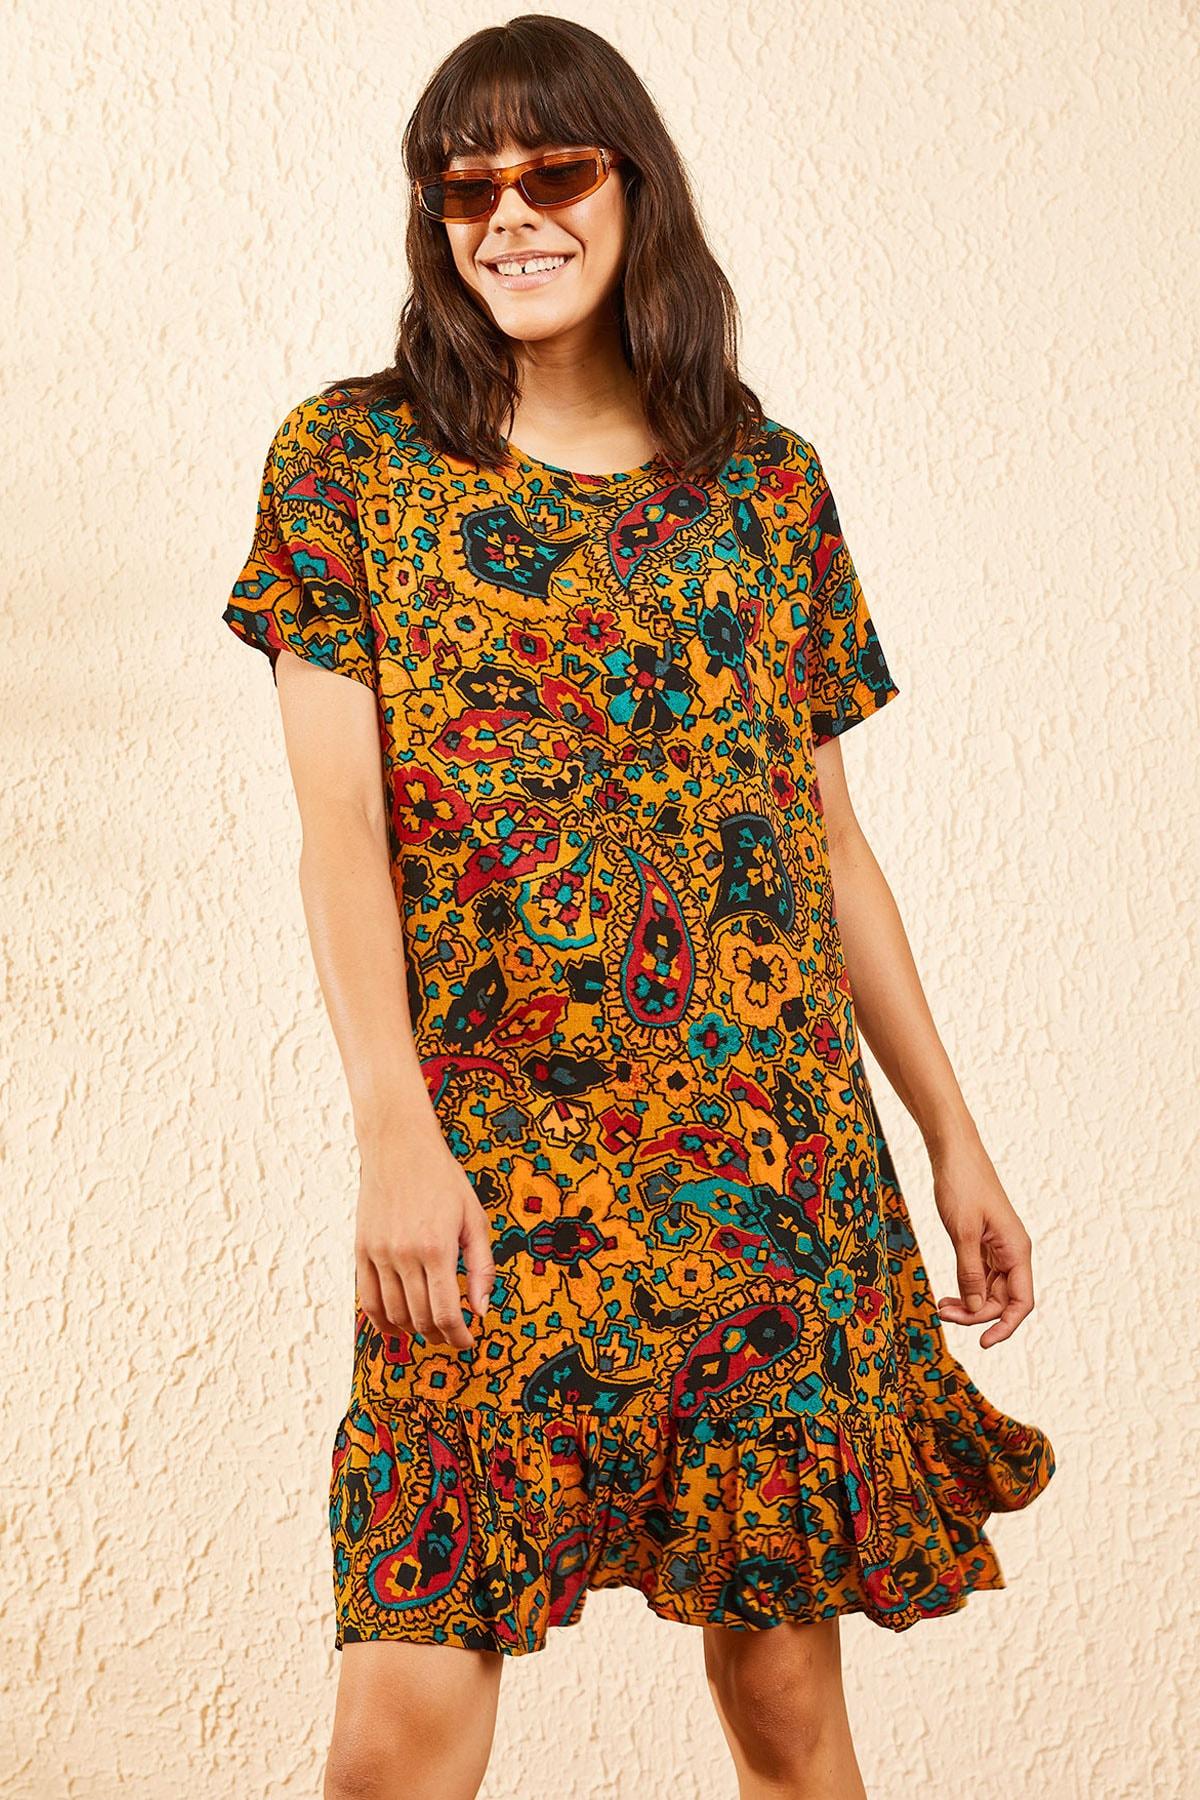 Bianco Lucci Kadın Hardal Kadın Etnik Desen Kısa Kollu Eteği Fırfırlı Elbise 10101017 0